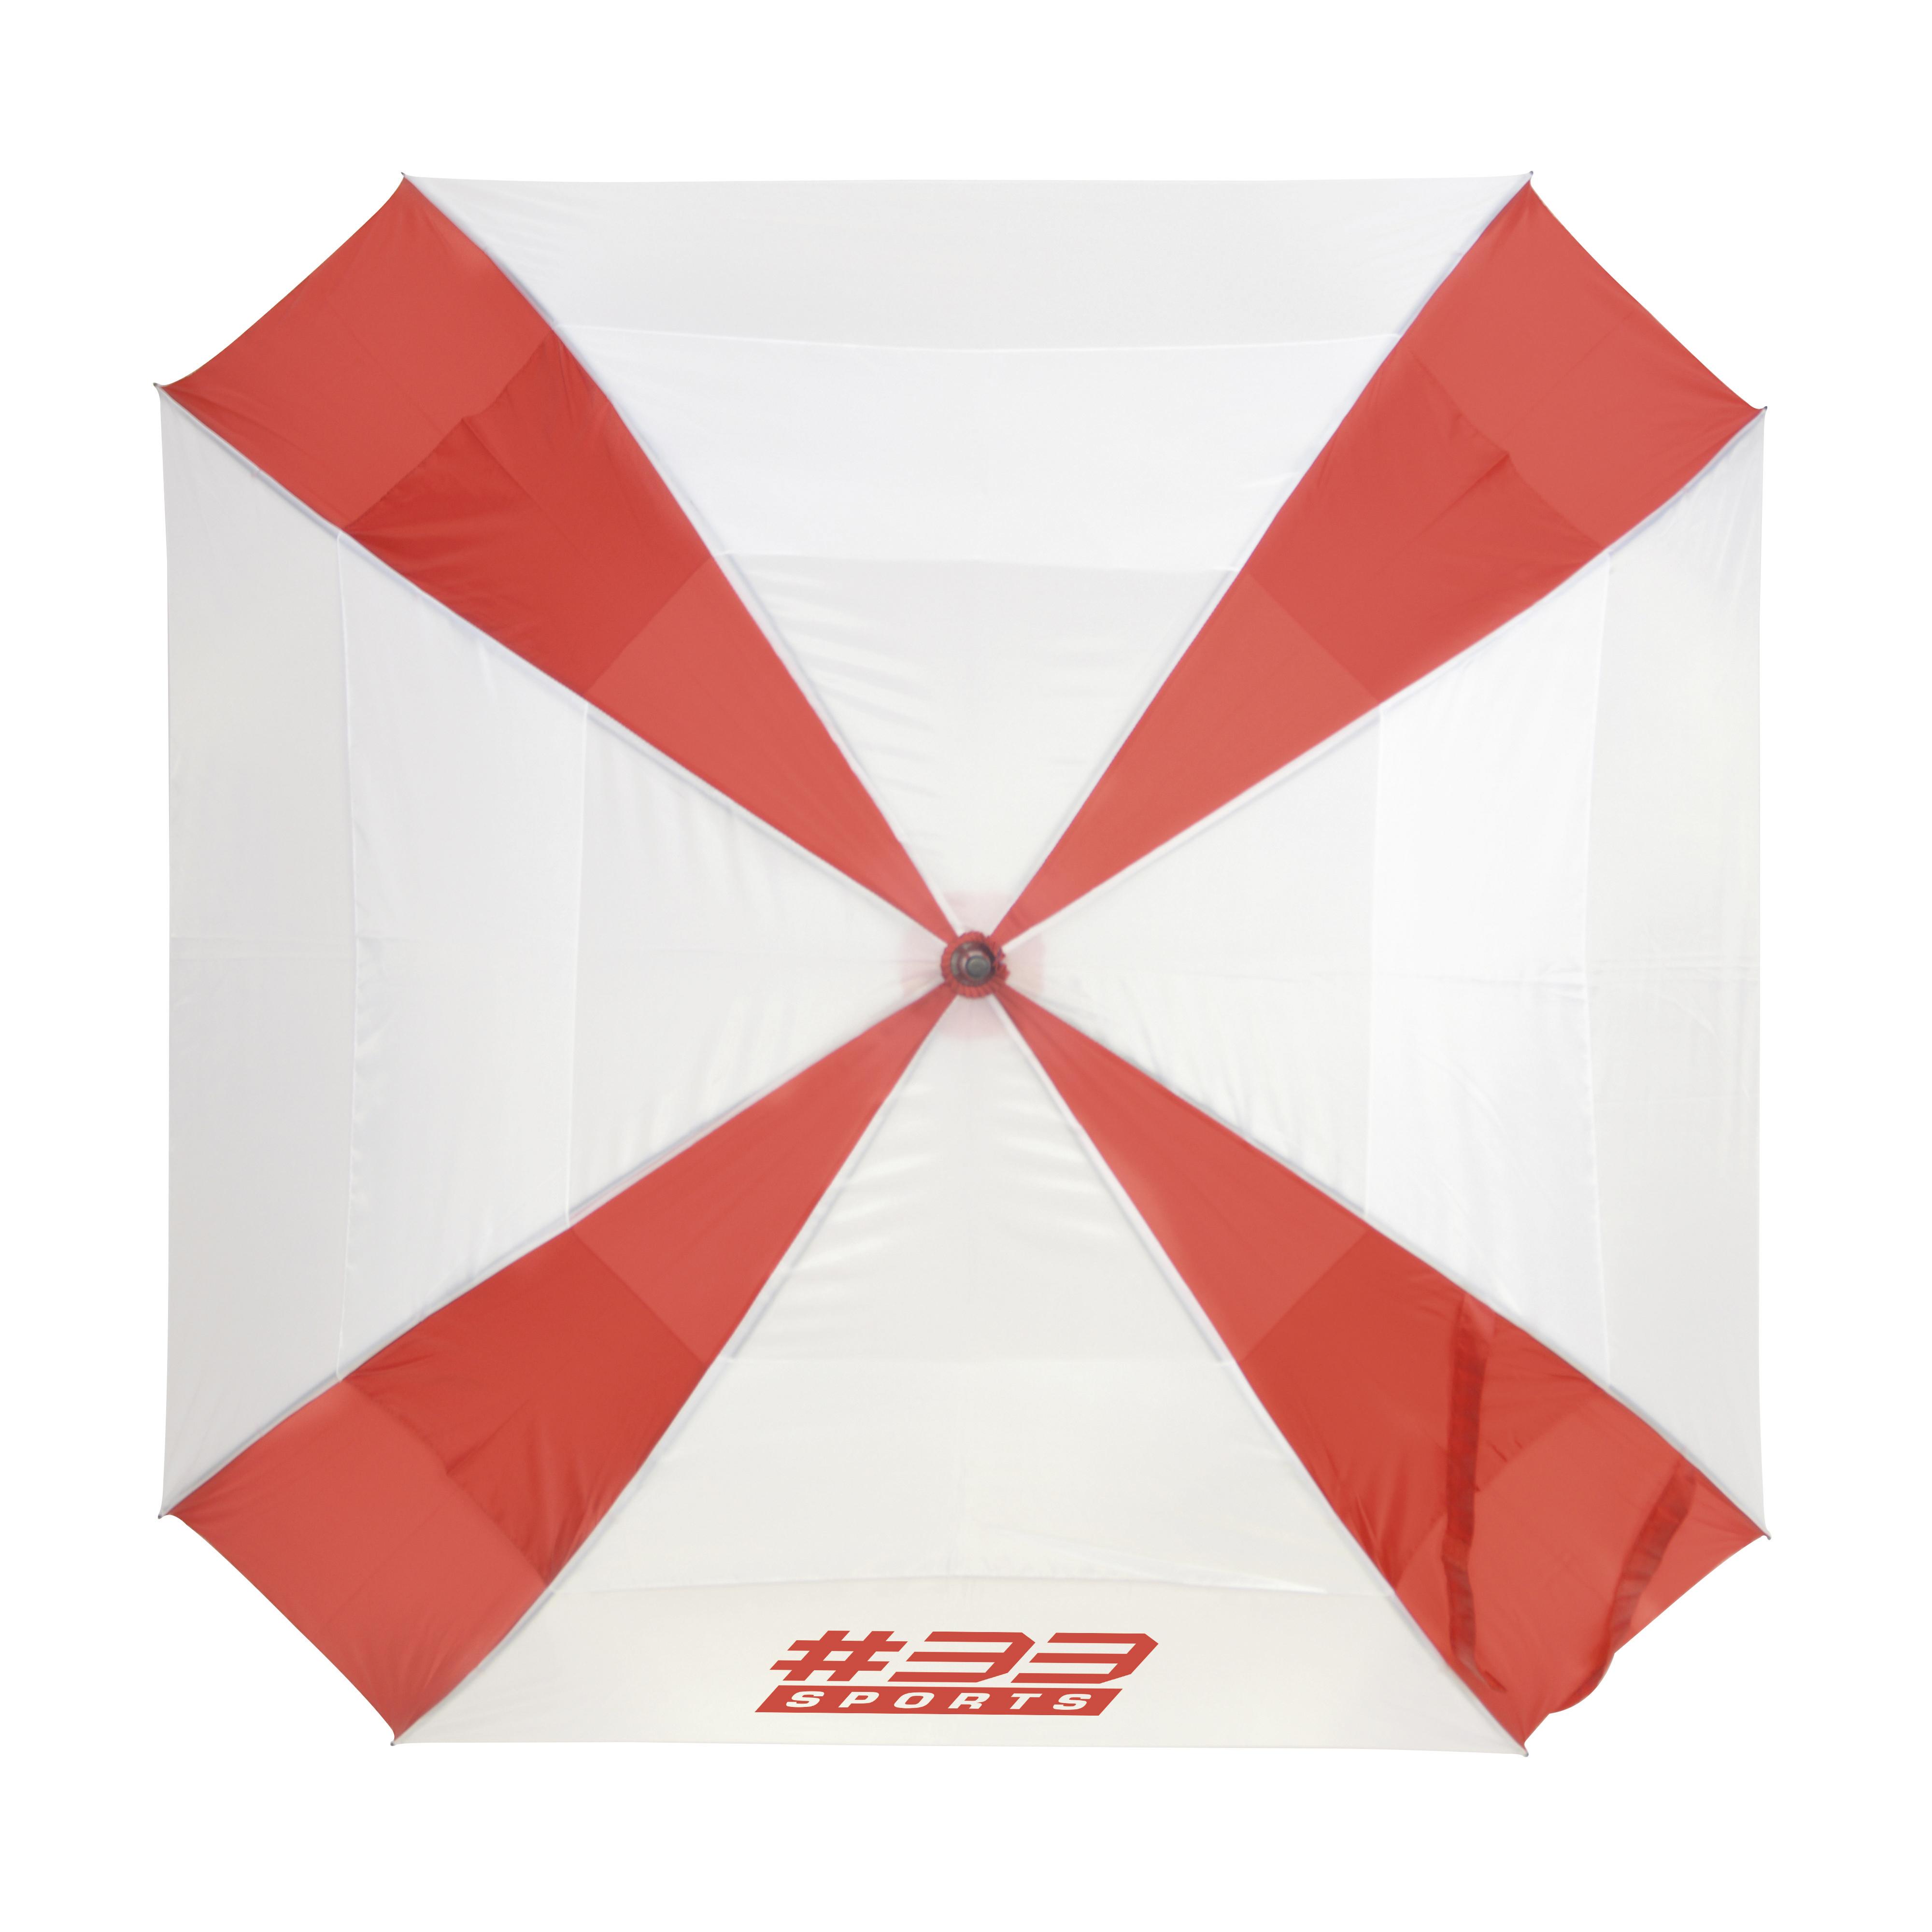 Promotional Square 29 Inch Square Manual Golf Umbrella